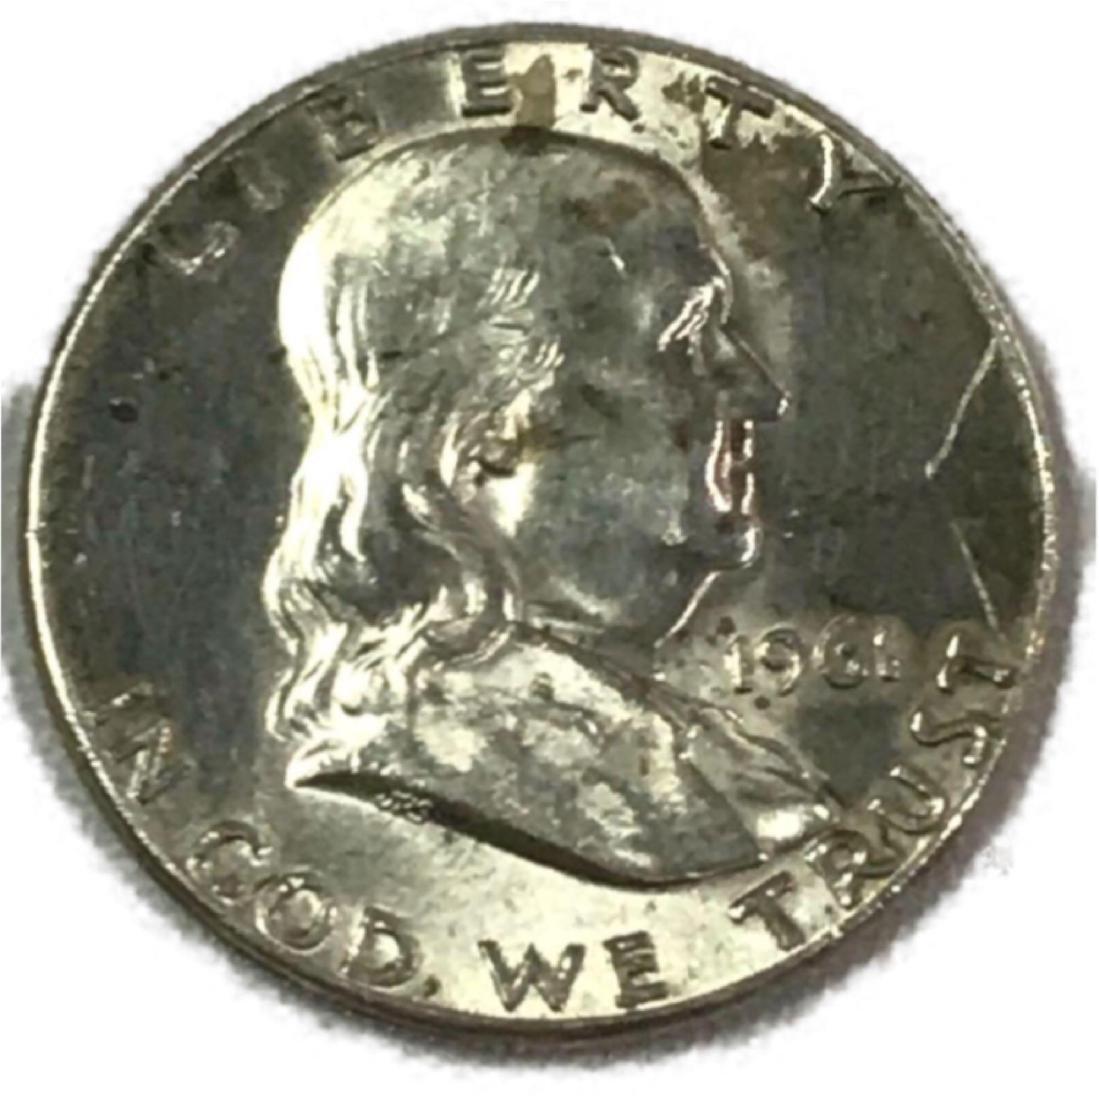 1961 Franklin Half Dollar - 7